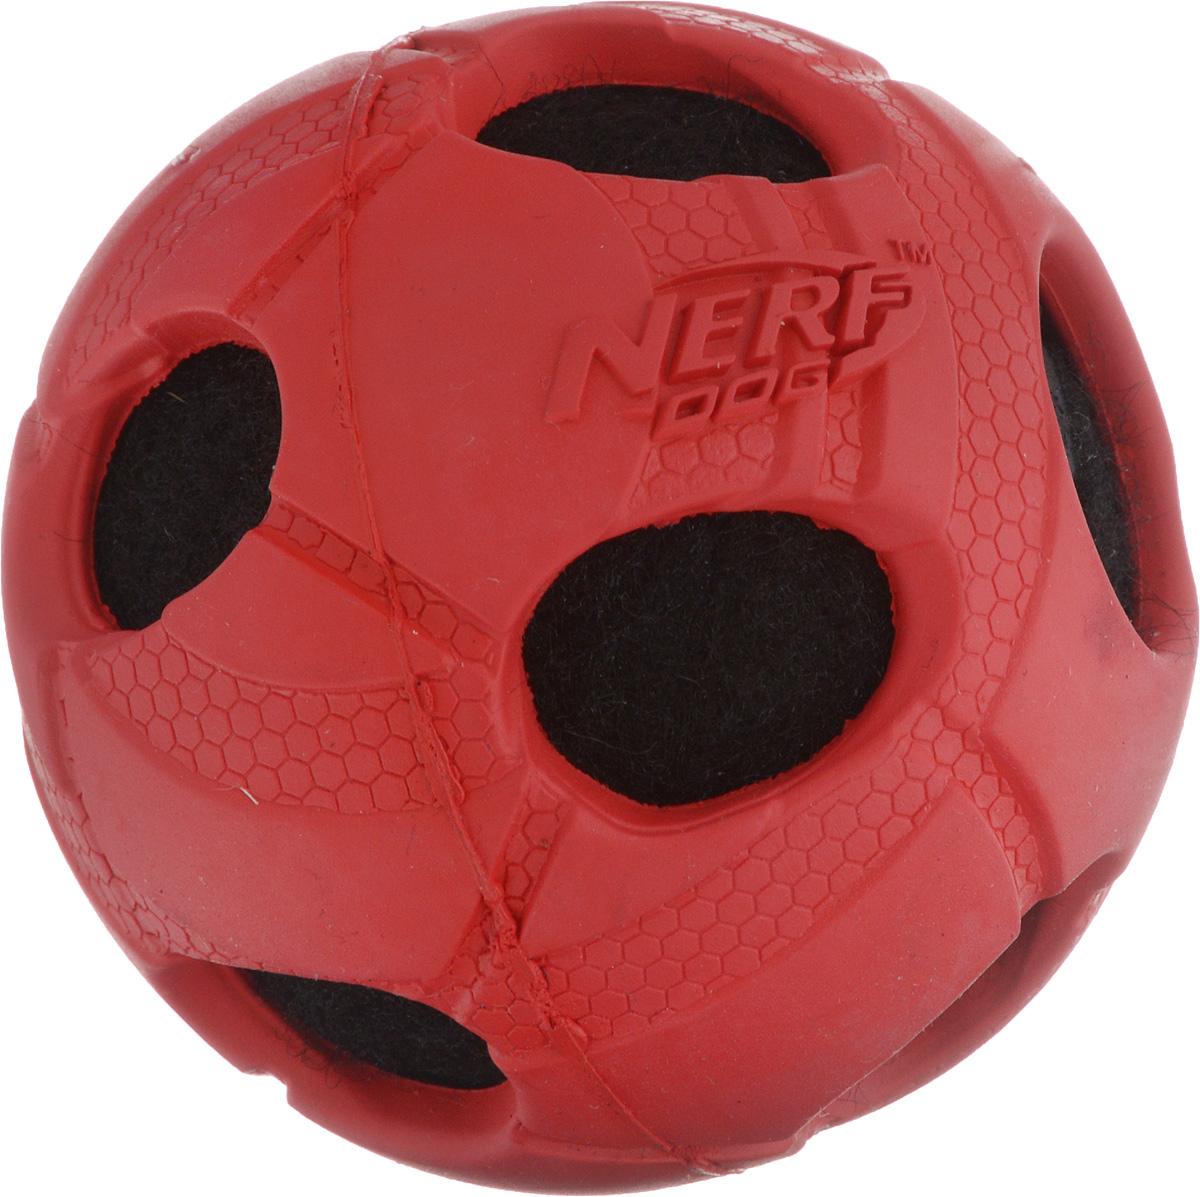 Игрушка для собак Nerf Мяч с отверстиями, диаметр 7,5 см nerf игрушка для собак nerf краб плавающая игрушка 20 см